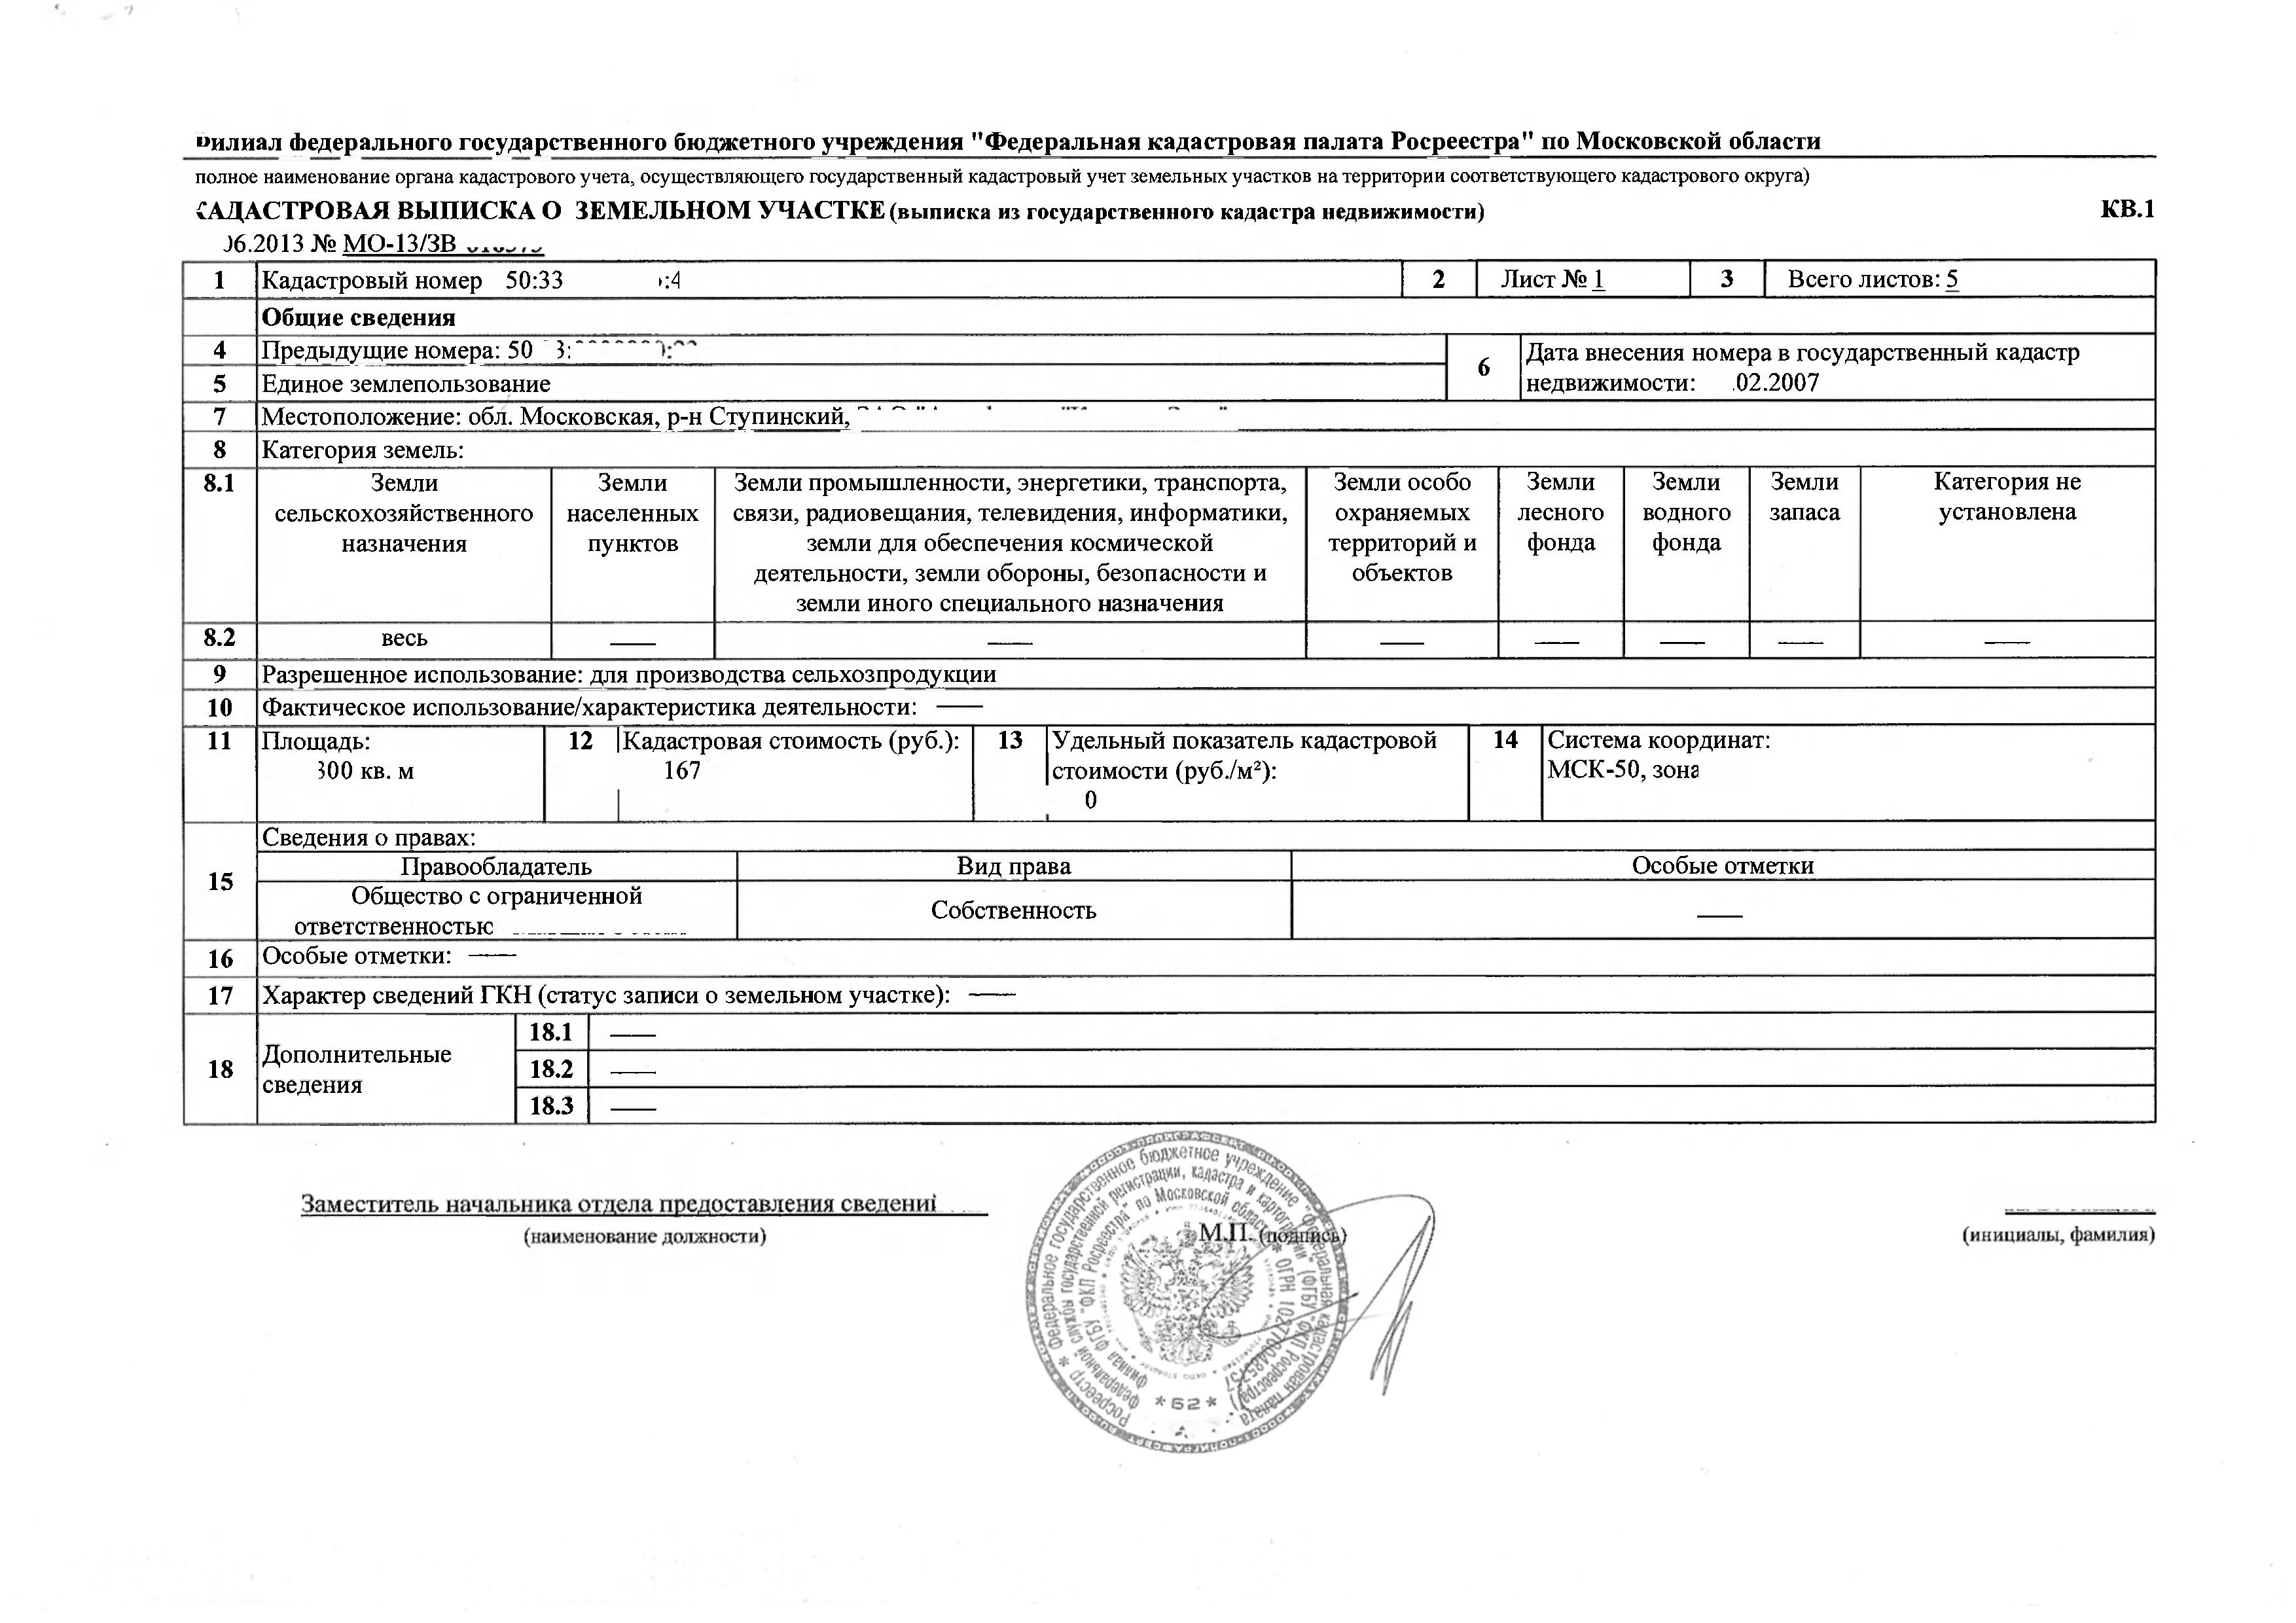 Заменяет ли выписка из егрн кадастровый паспорт?